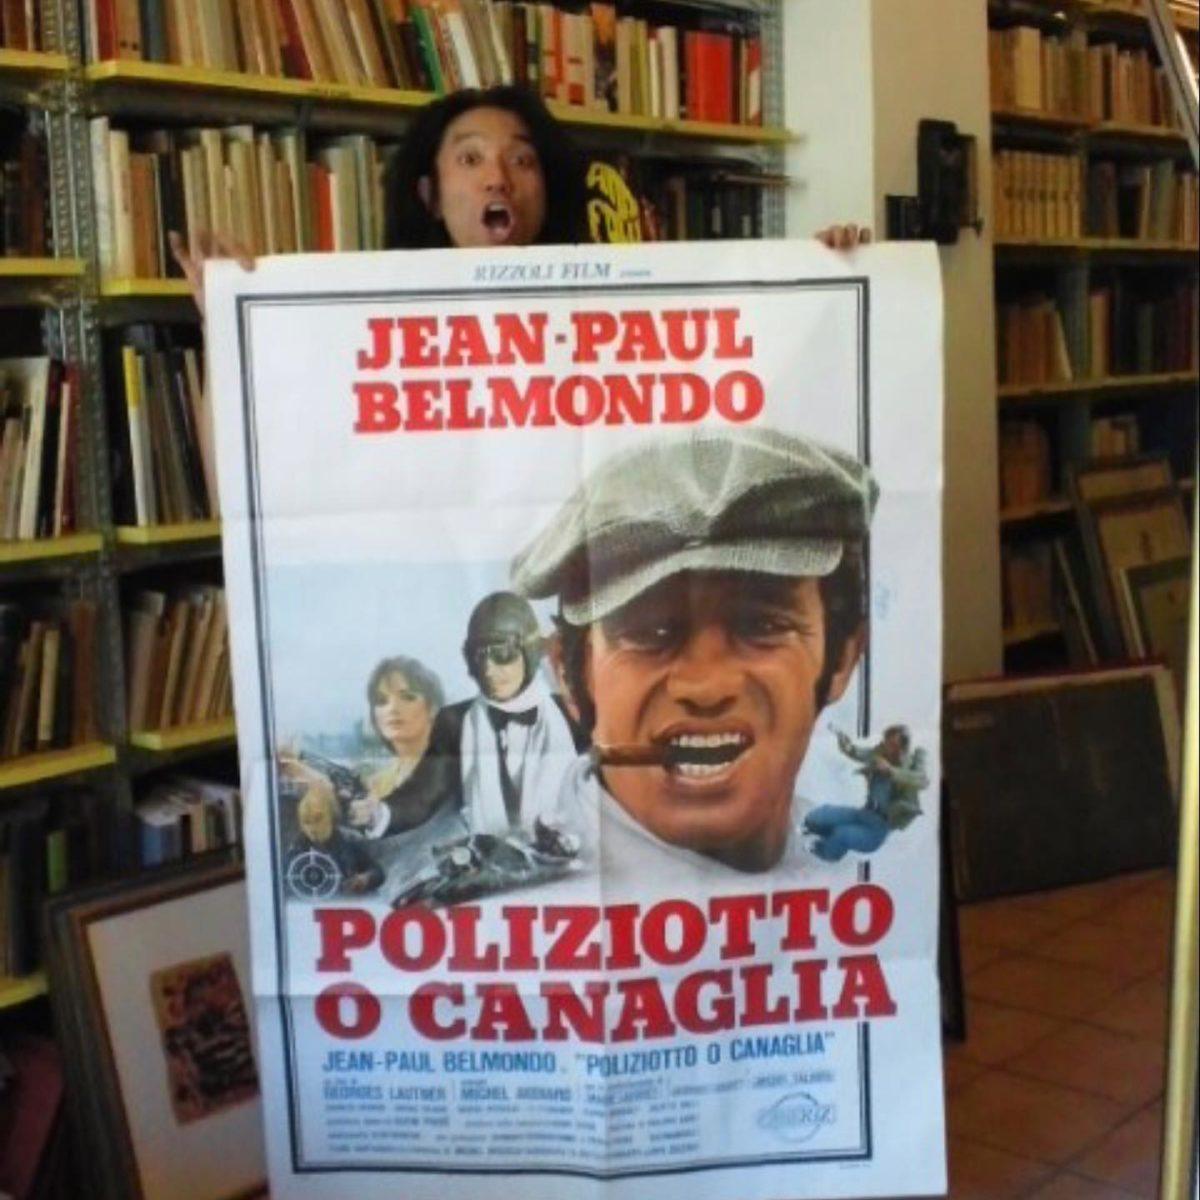 60〜70年代の物が好きで、その時代の映画のポスターをミラノで買い漁った時期がある  買ってきたポスターをジョイフルホンダで額縁を作り飾った。  中でも イタリアの国民的?マンガ家イラストレーター GUIDO CREPAXのポスターは 超希少品だ。      #高崎ビューティーモード専門学校